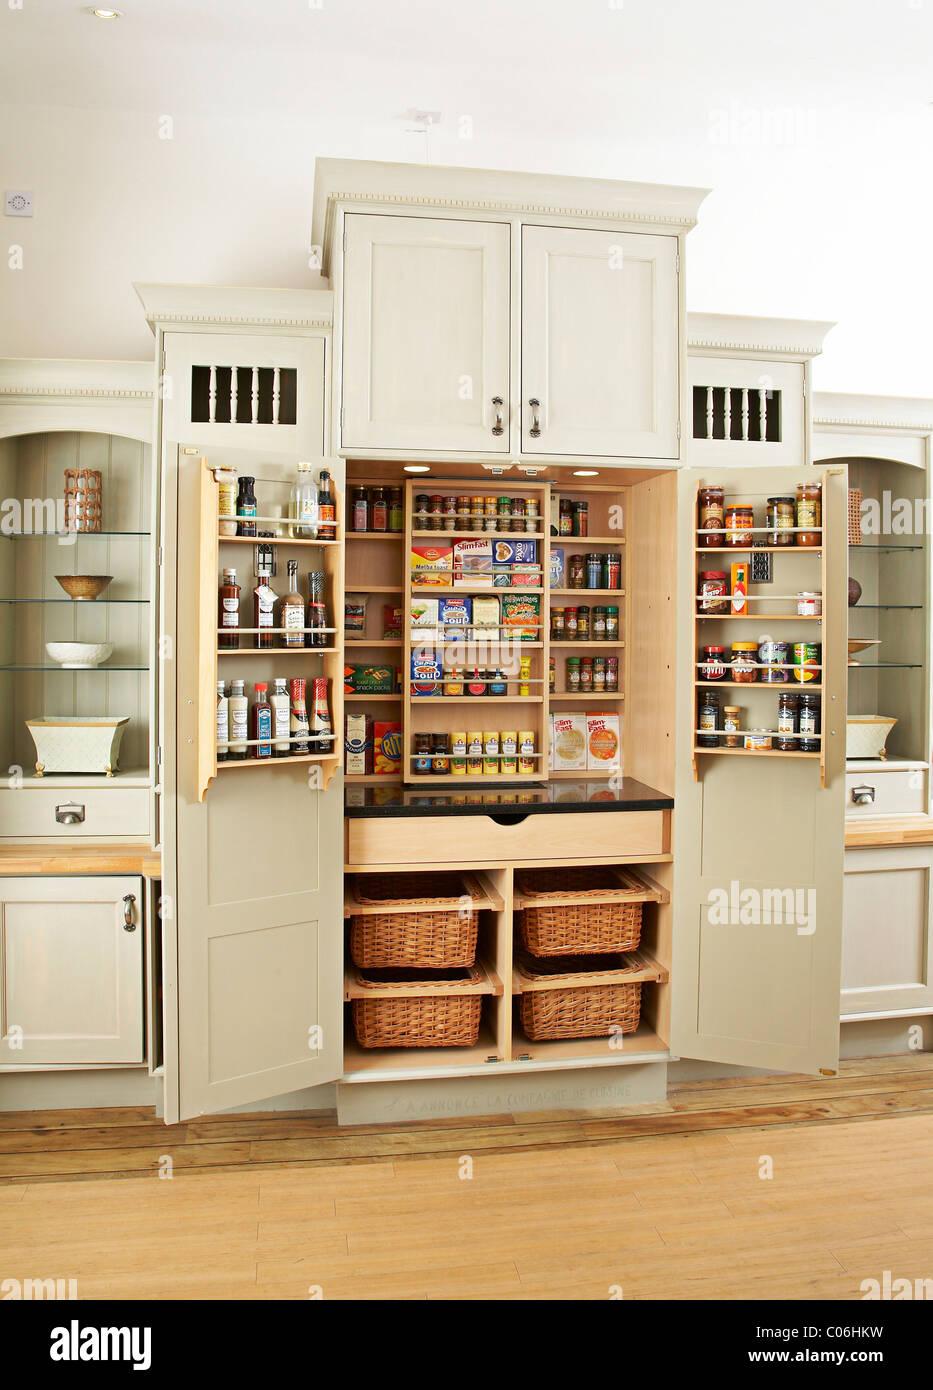 Küchenschrank mit geöffneten Türen Stockfoto, Bild: 34566333 - Alamy